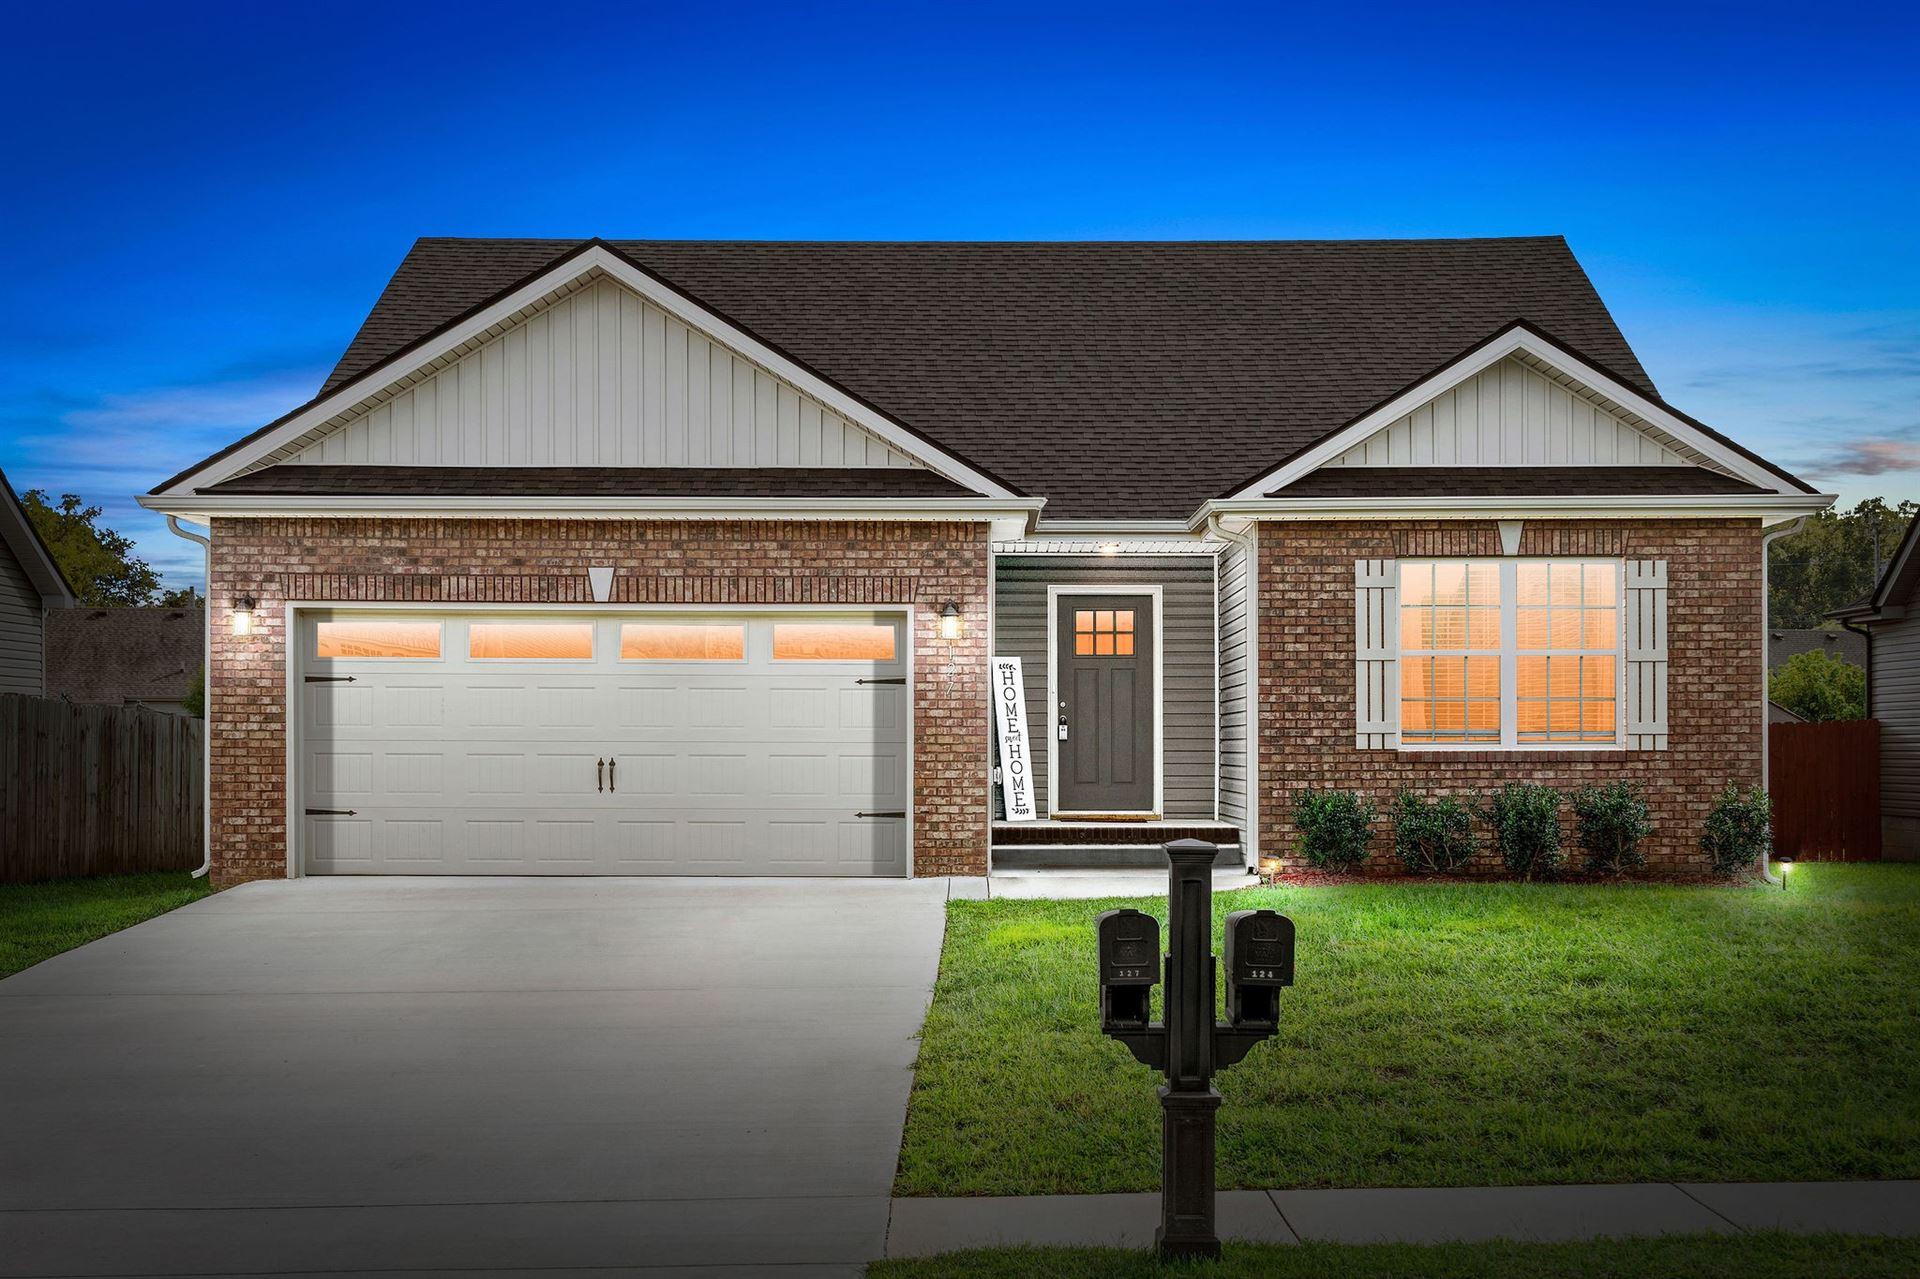 127 Ambridge St, Oak Grove, KY 42262 - MLS#: 2291787